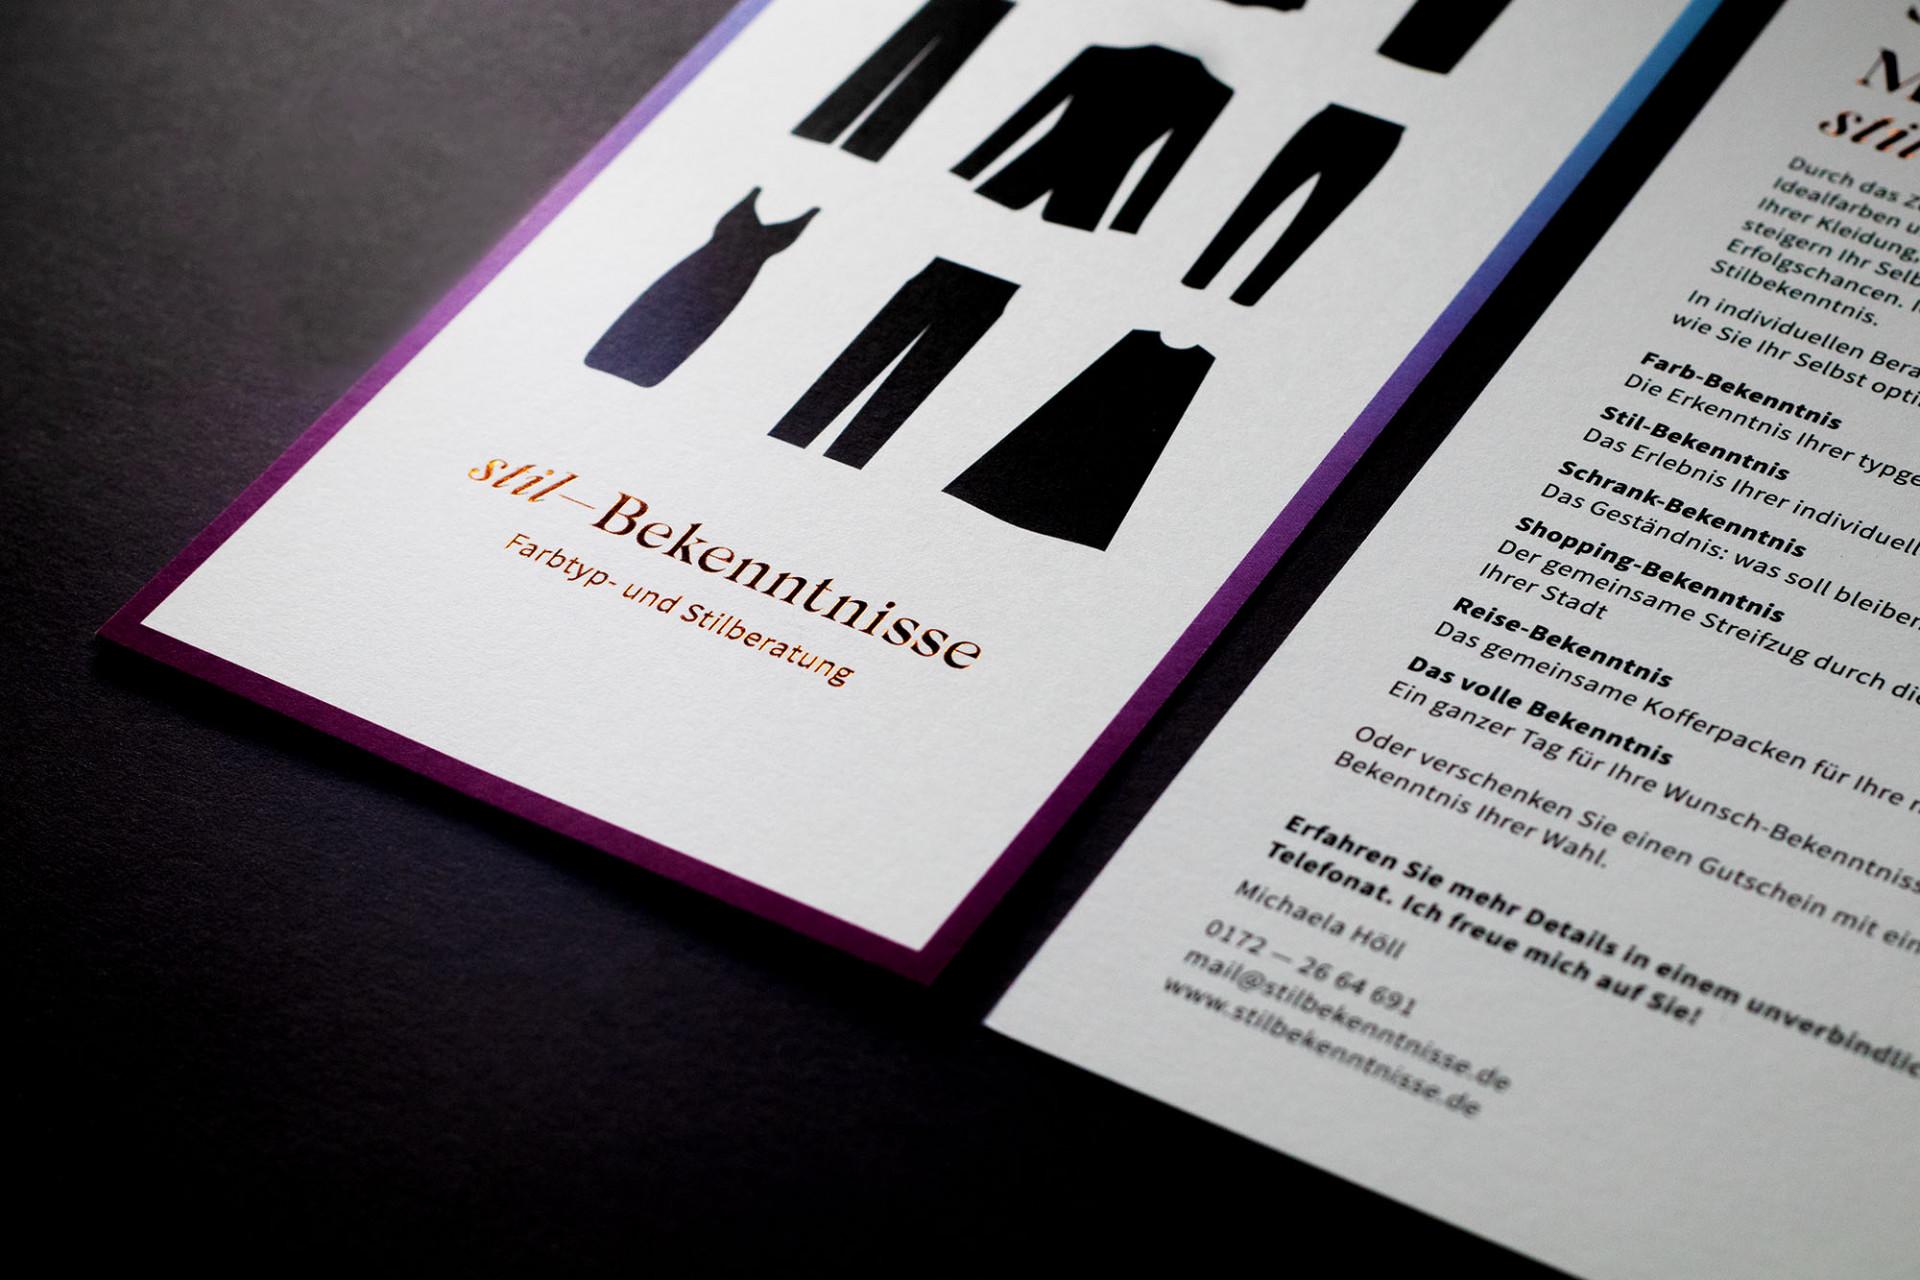 Büro Hyngar Visuelle Identität für Stilbekenntnisse